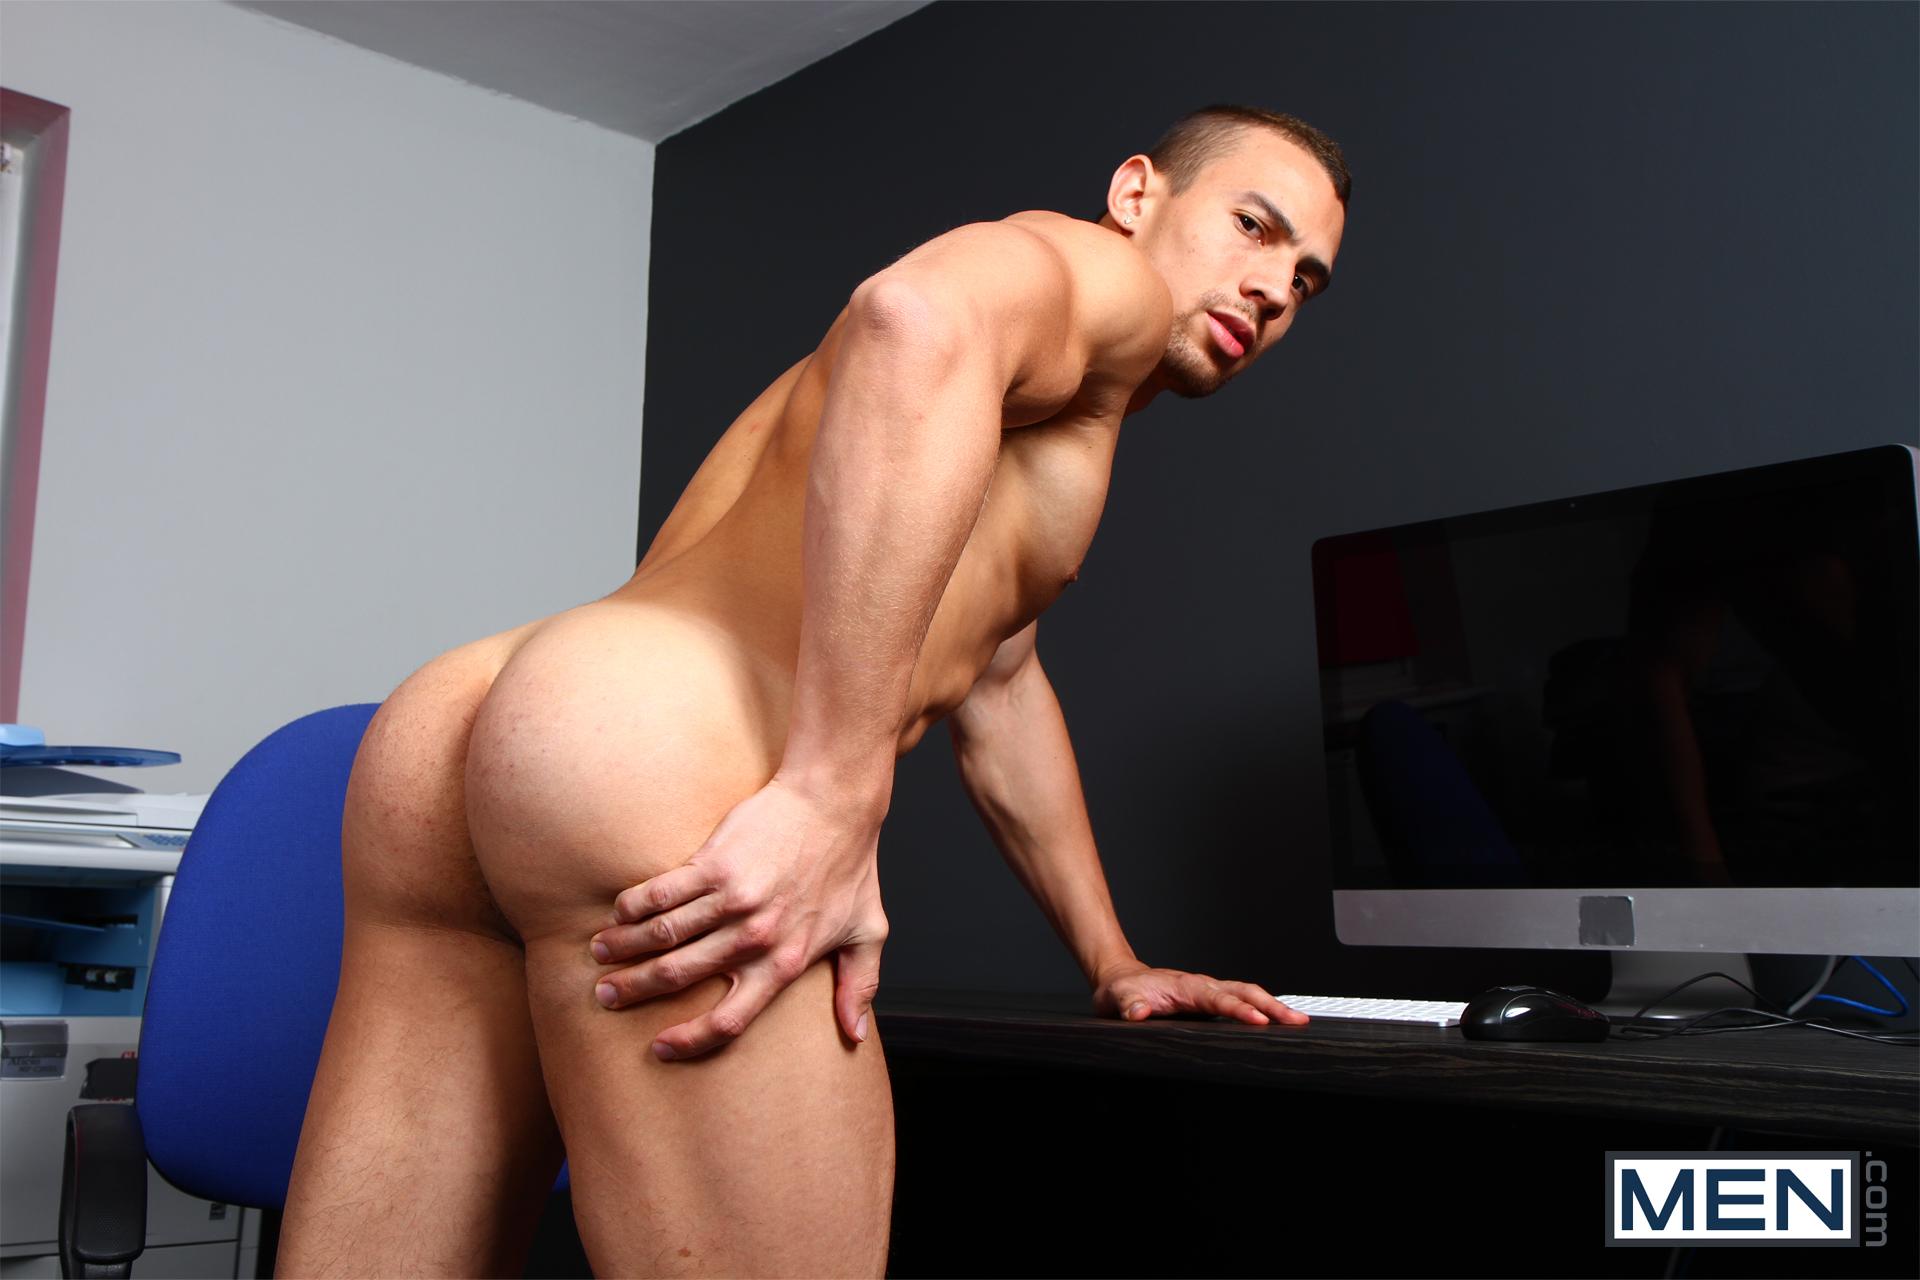 Actores Porno Mejor Culo xtasis : un foro de hombres para hombres